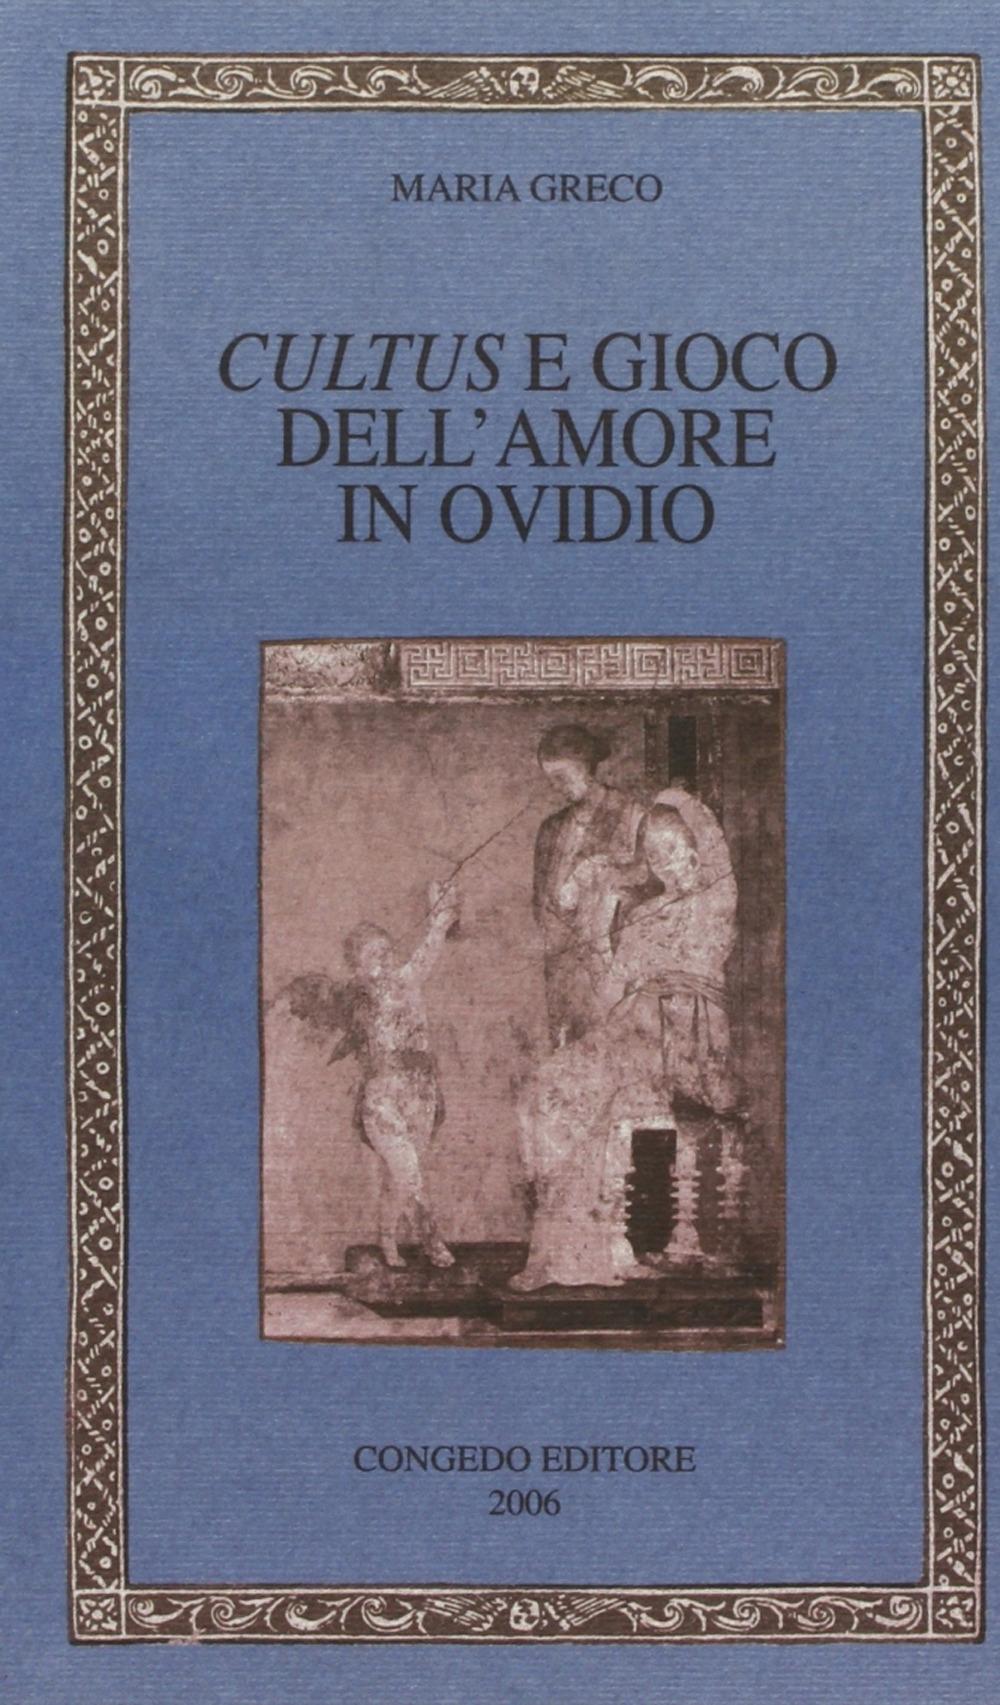 Cultus e gioco dell'amore in Ovidio.